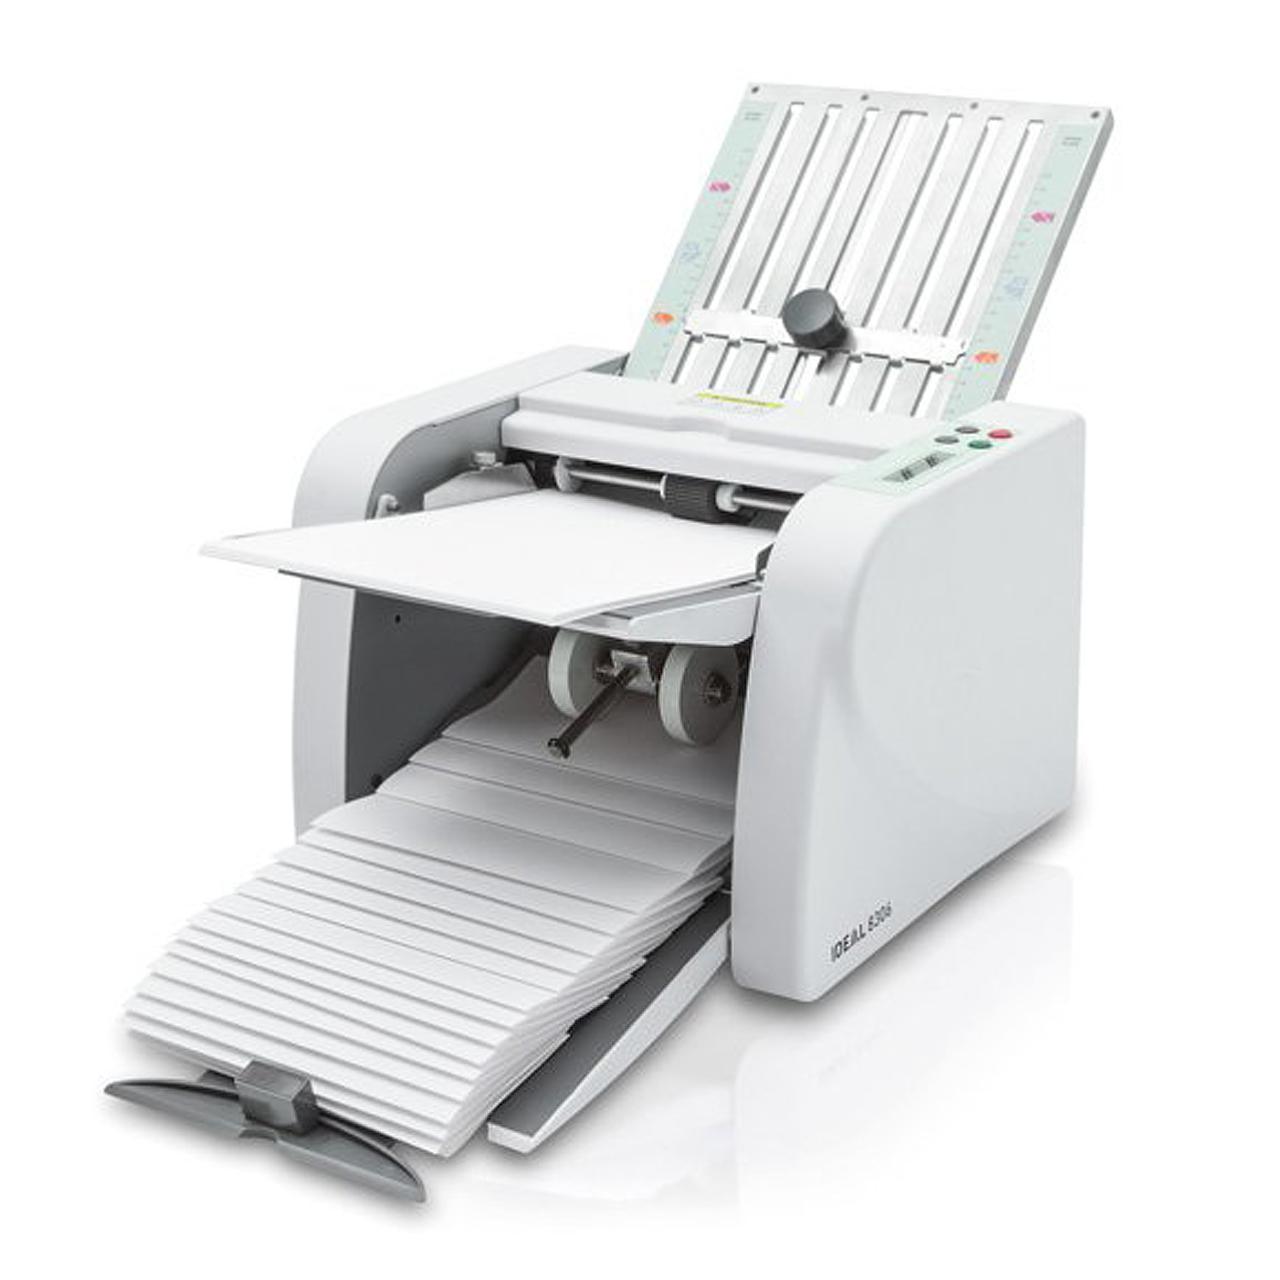 Falzmaschine IDEAL 8306